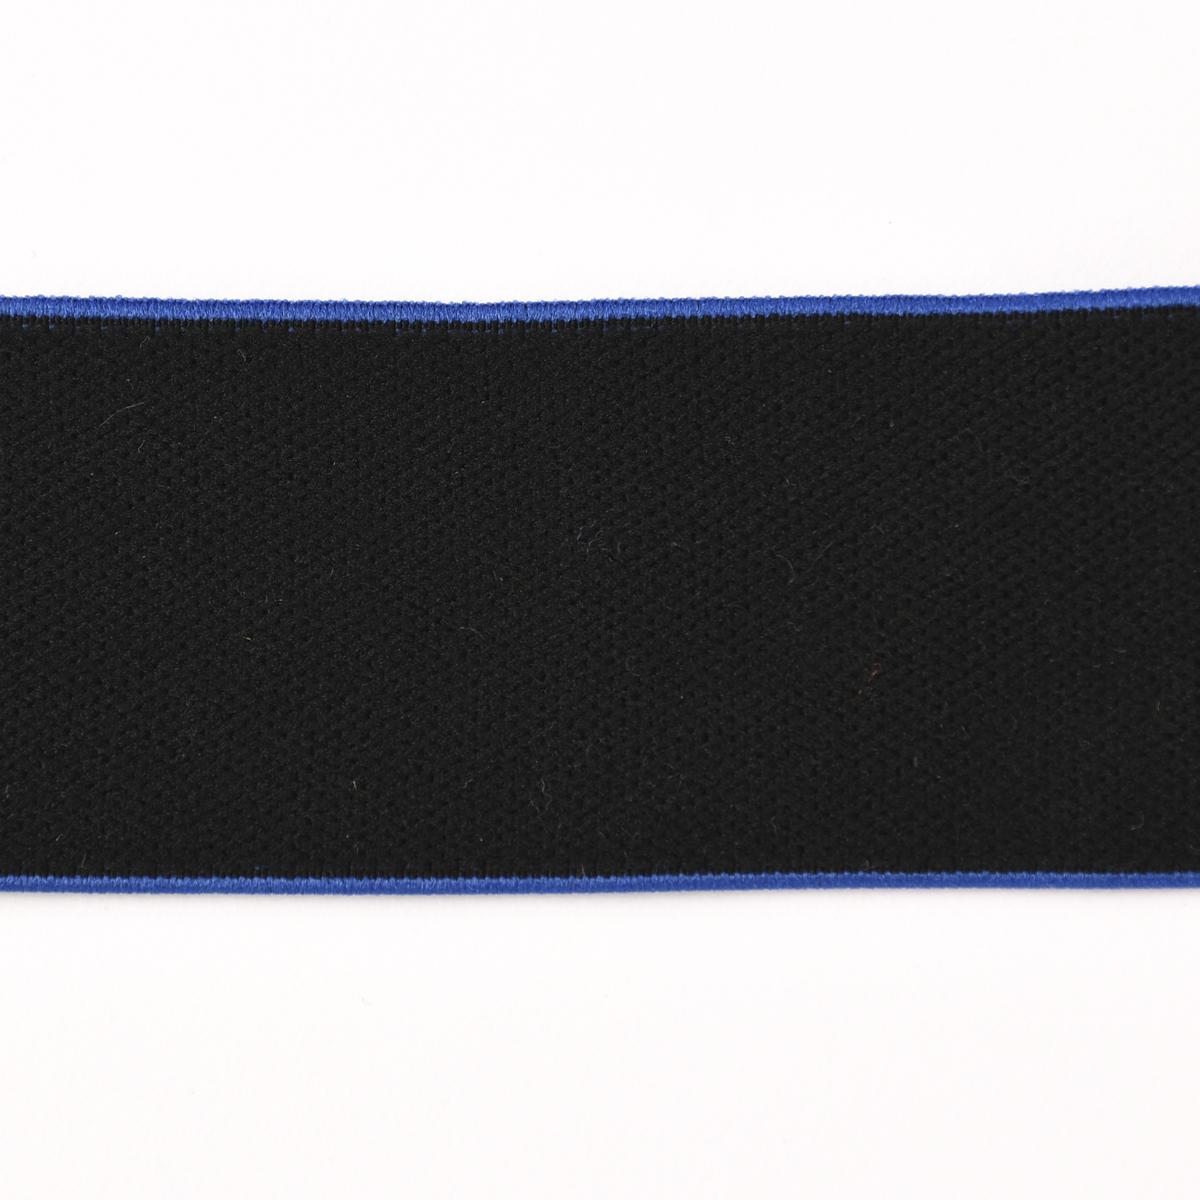 Gummiband mit farbigem Rand schwarz kobalt Breite: 4cm